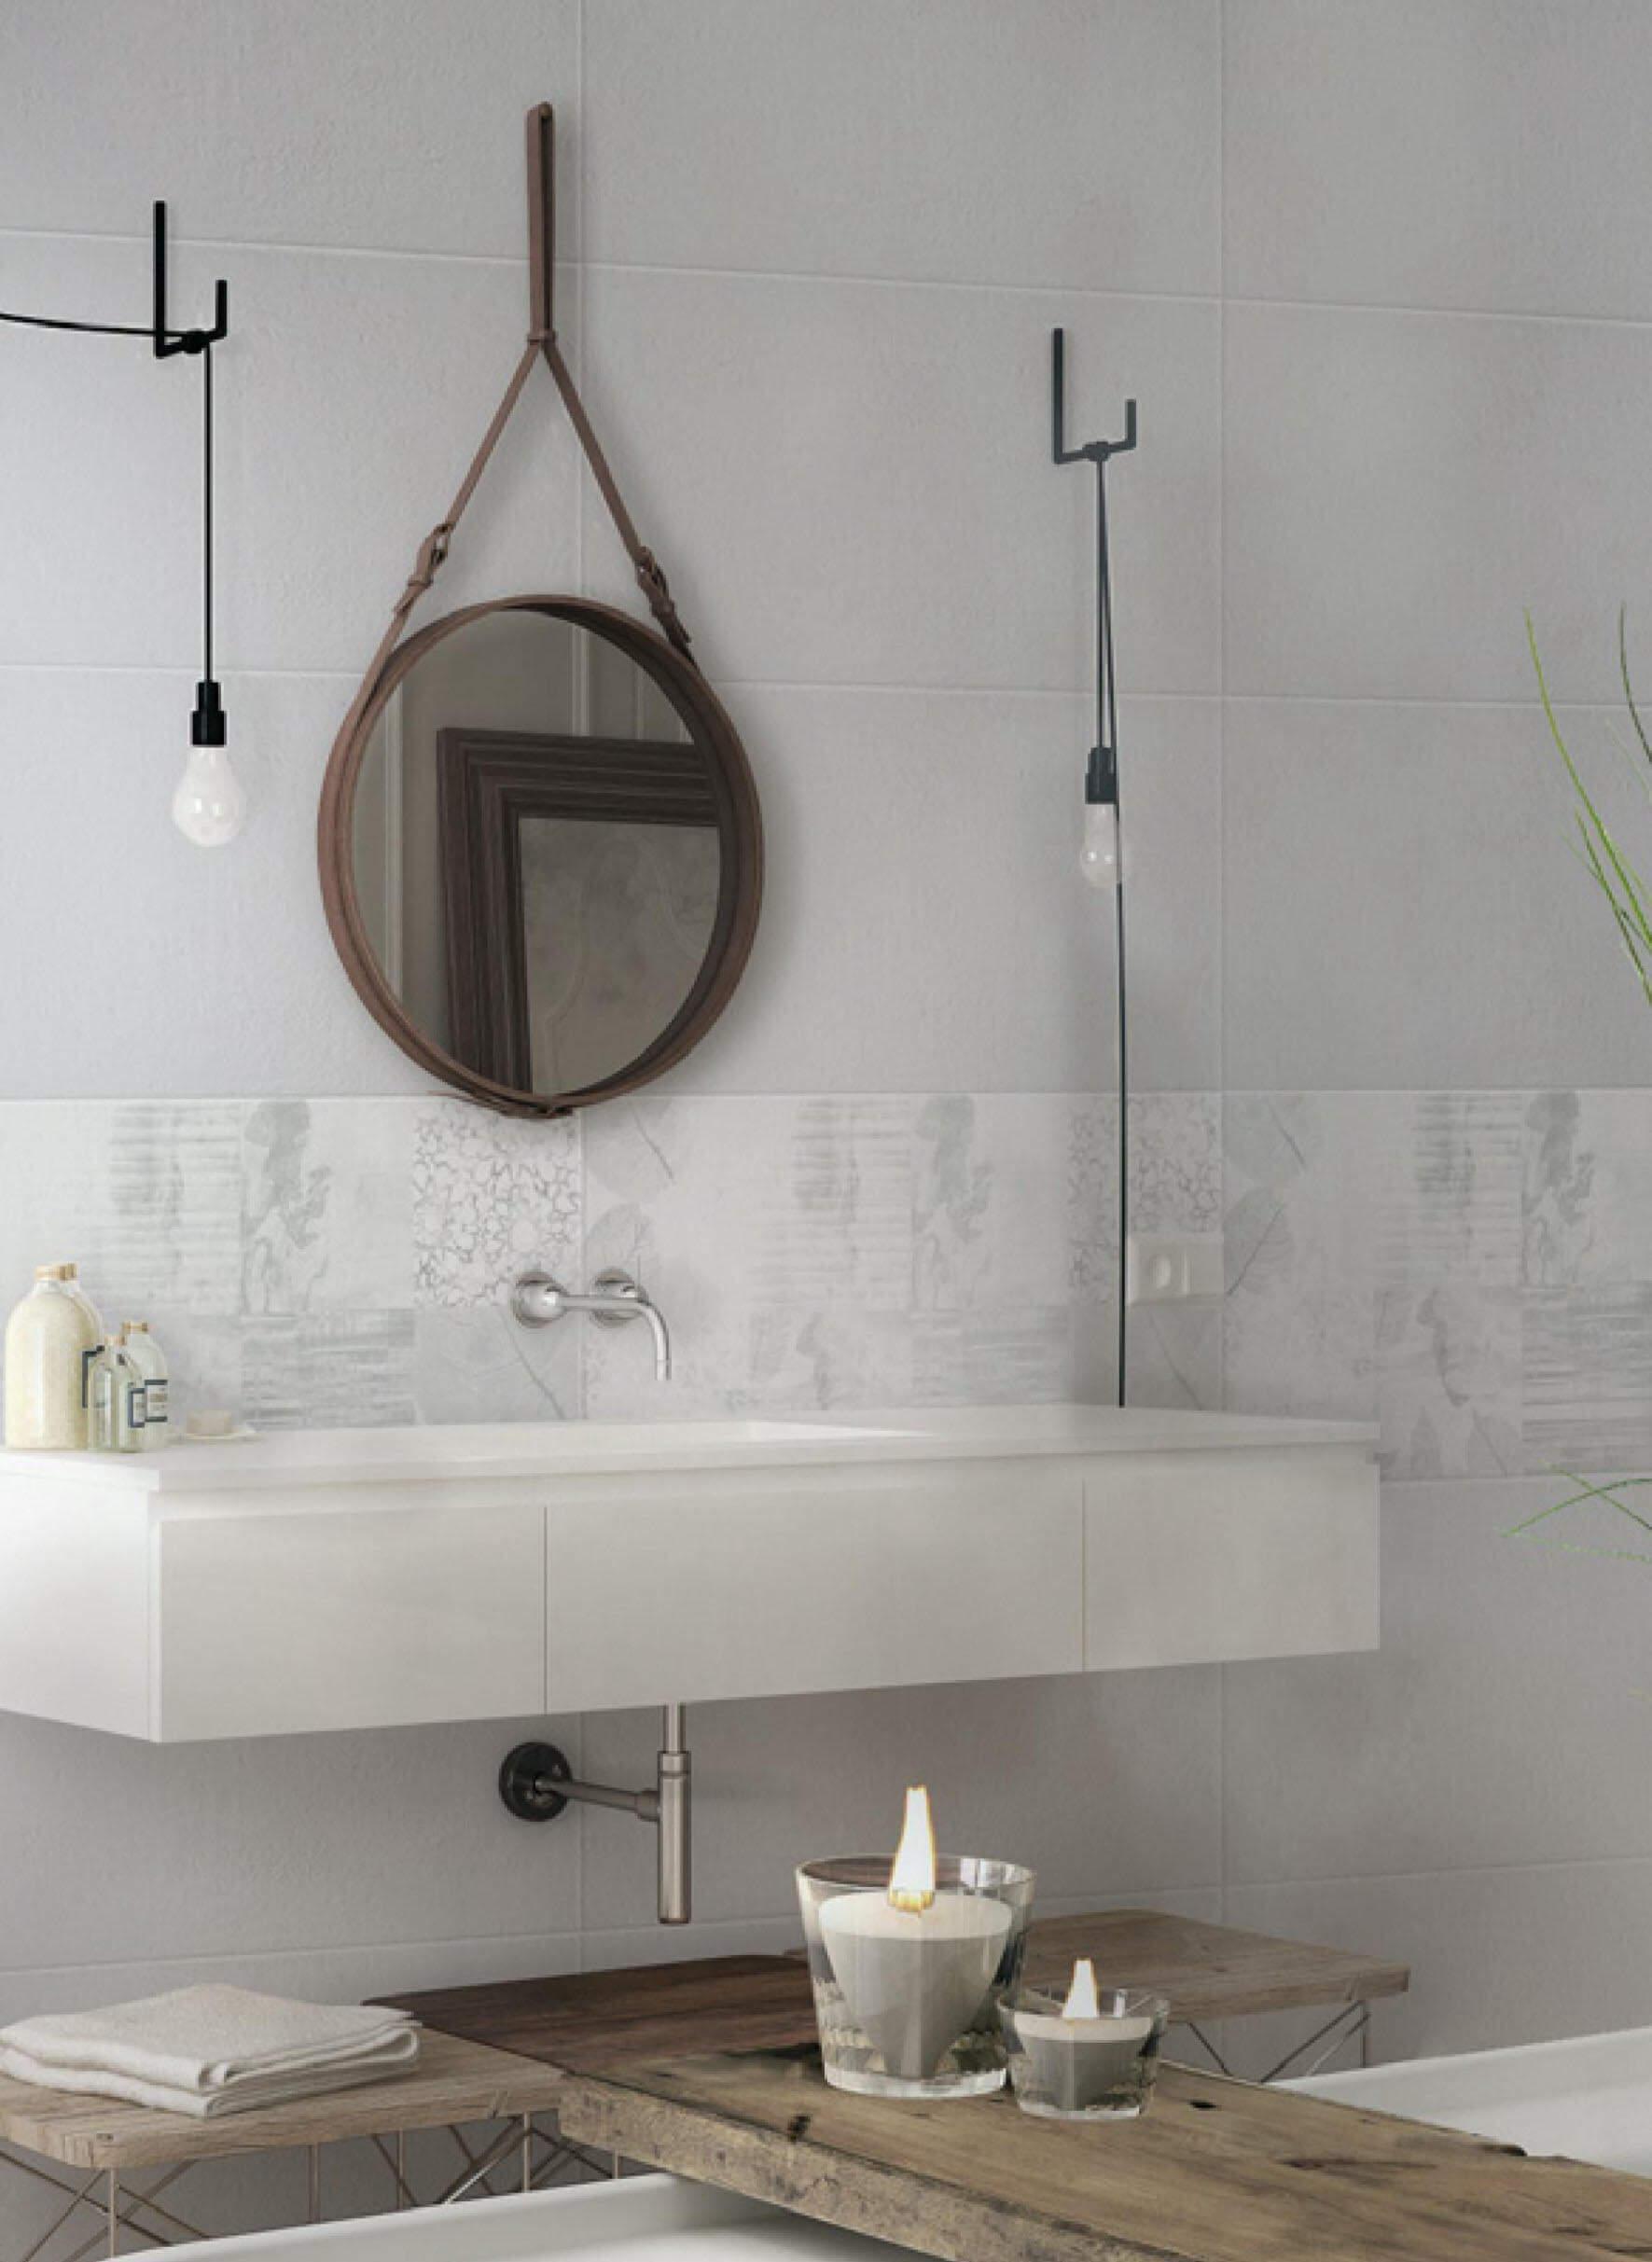 pavimenti e rivestimenti SVAI_rivestimento ceramica bianco bagno